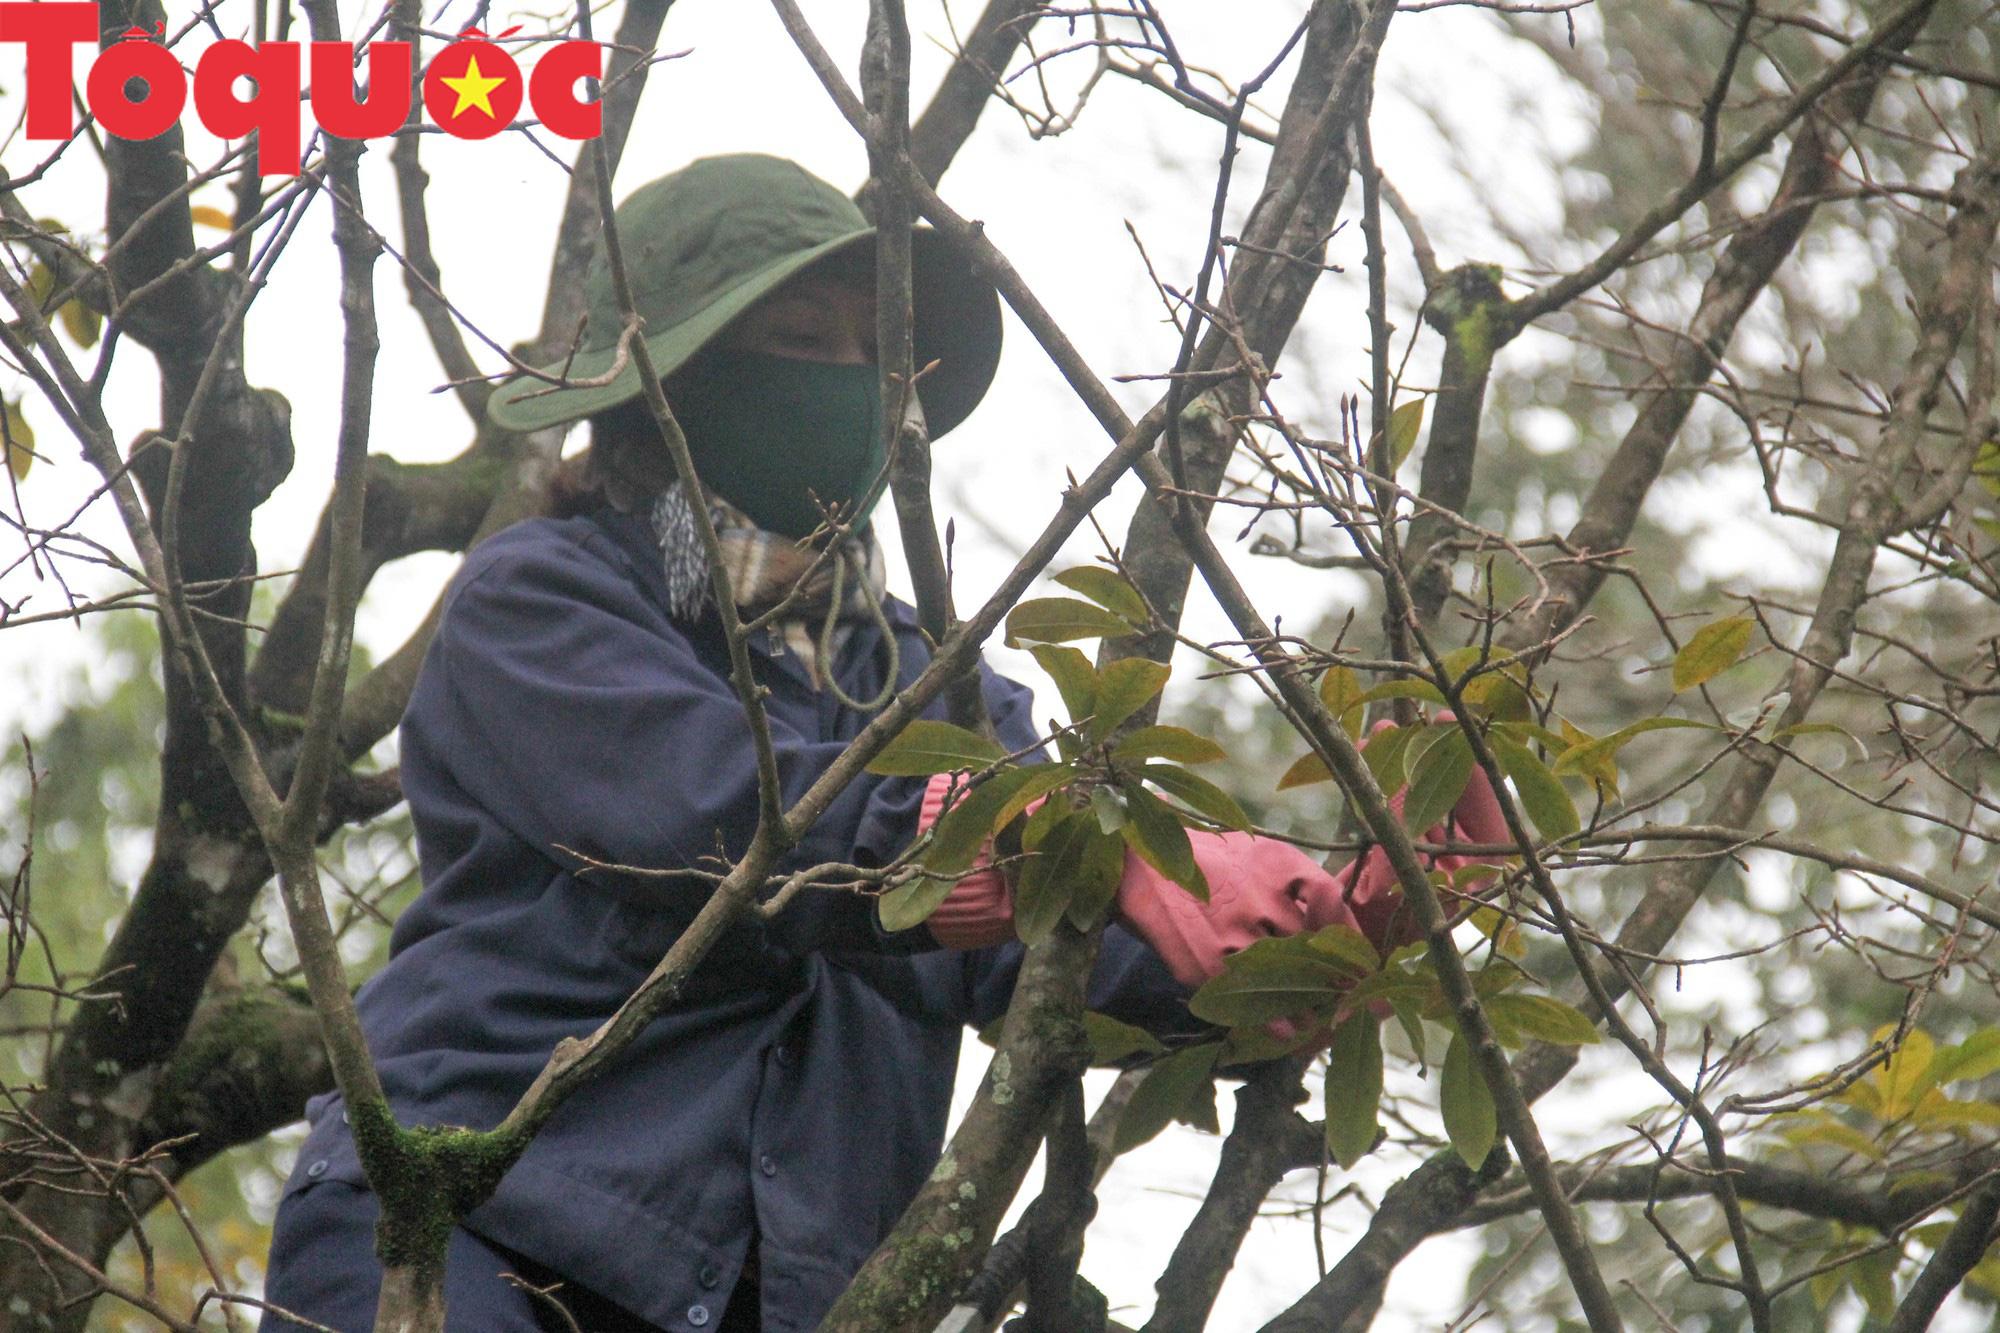 Công nhân nữ đội rét, đu mình trên cây chăm vườn mai khủng trước Kinh thành Huế - Ảnh 2.